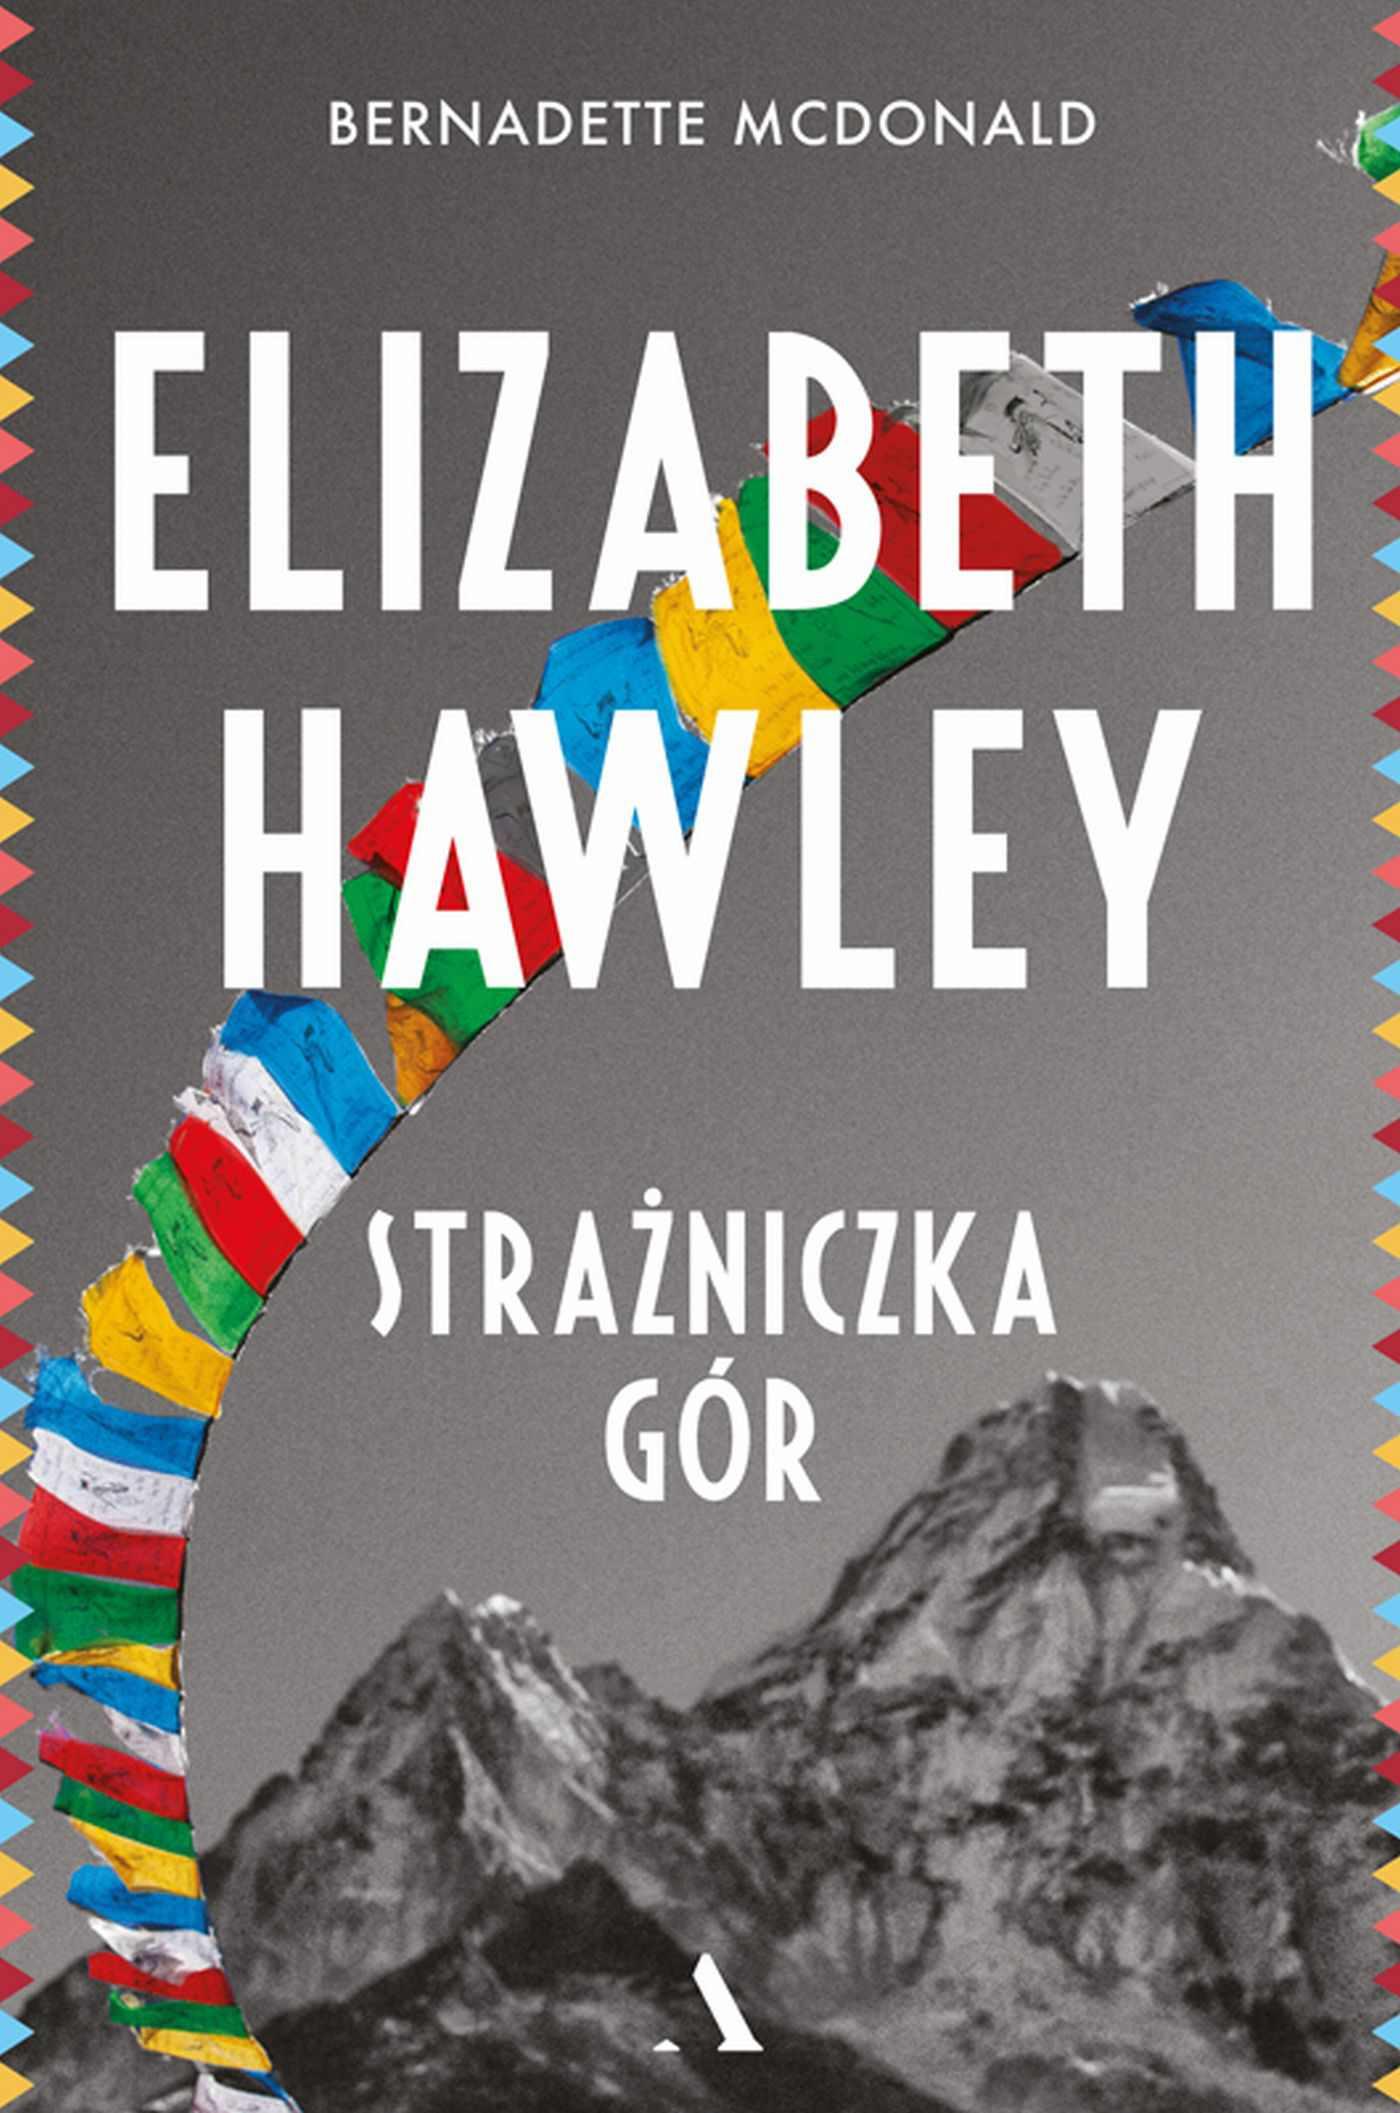 Elizabeth Hawley. Strażniczka gór - Ebook (Książka EPUB) do pobrania w formacie EPUB